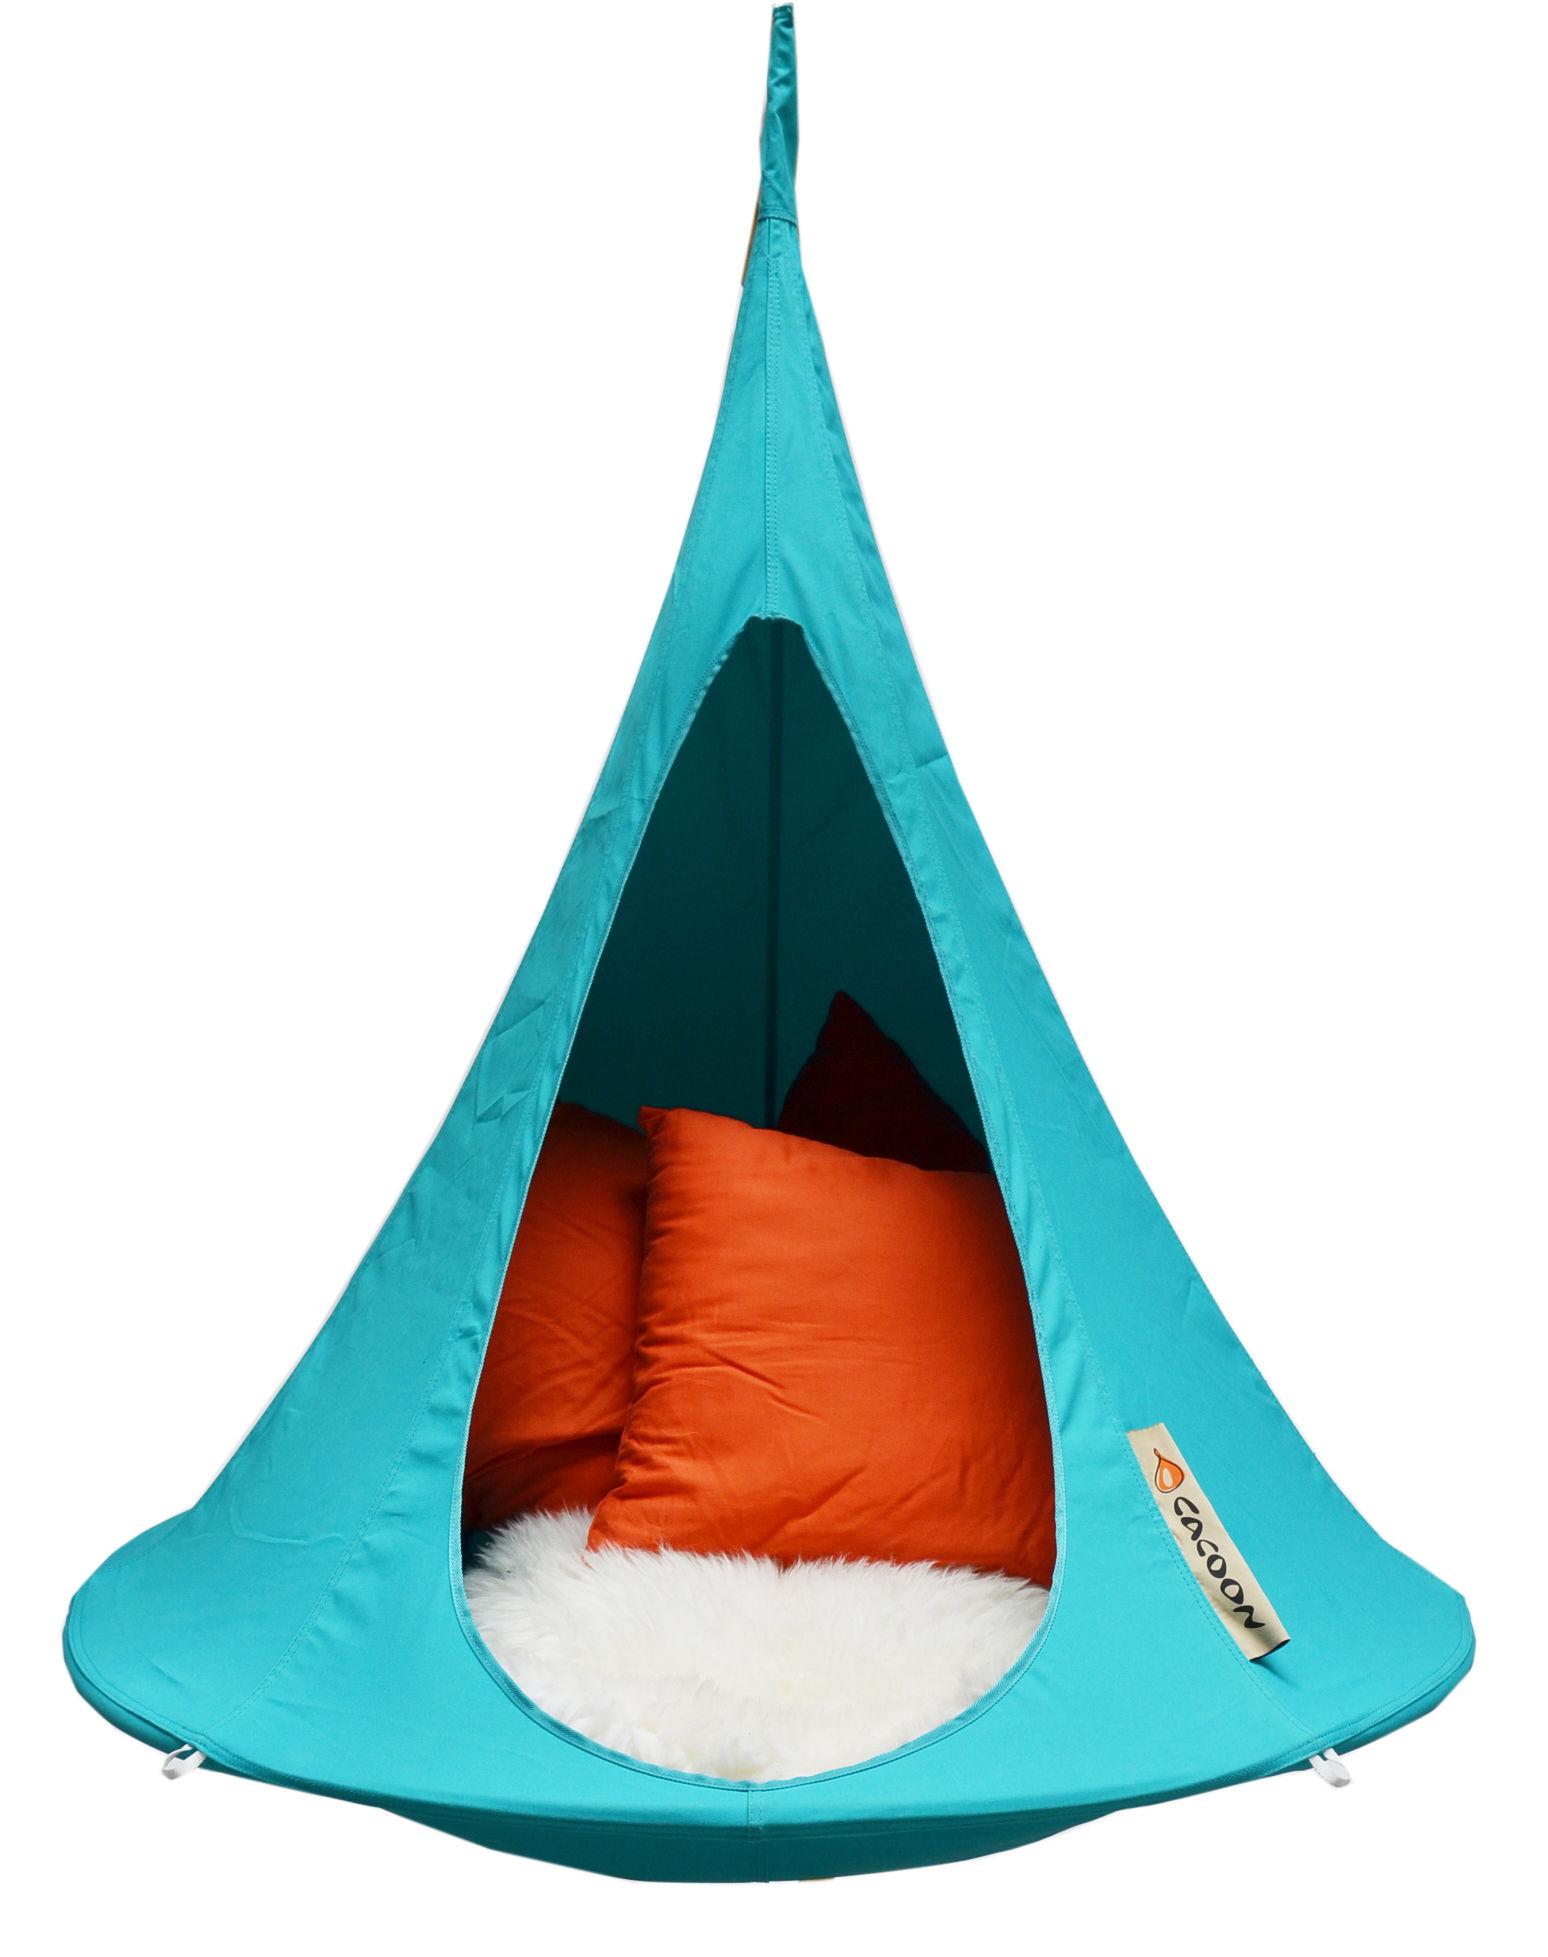 Möbel - Möbel für Kinder - Bebo Hängesessel / Ø 120 cm - Kindergröße - Cacoon - Türkisblau - Leinen